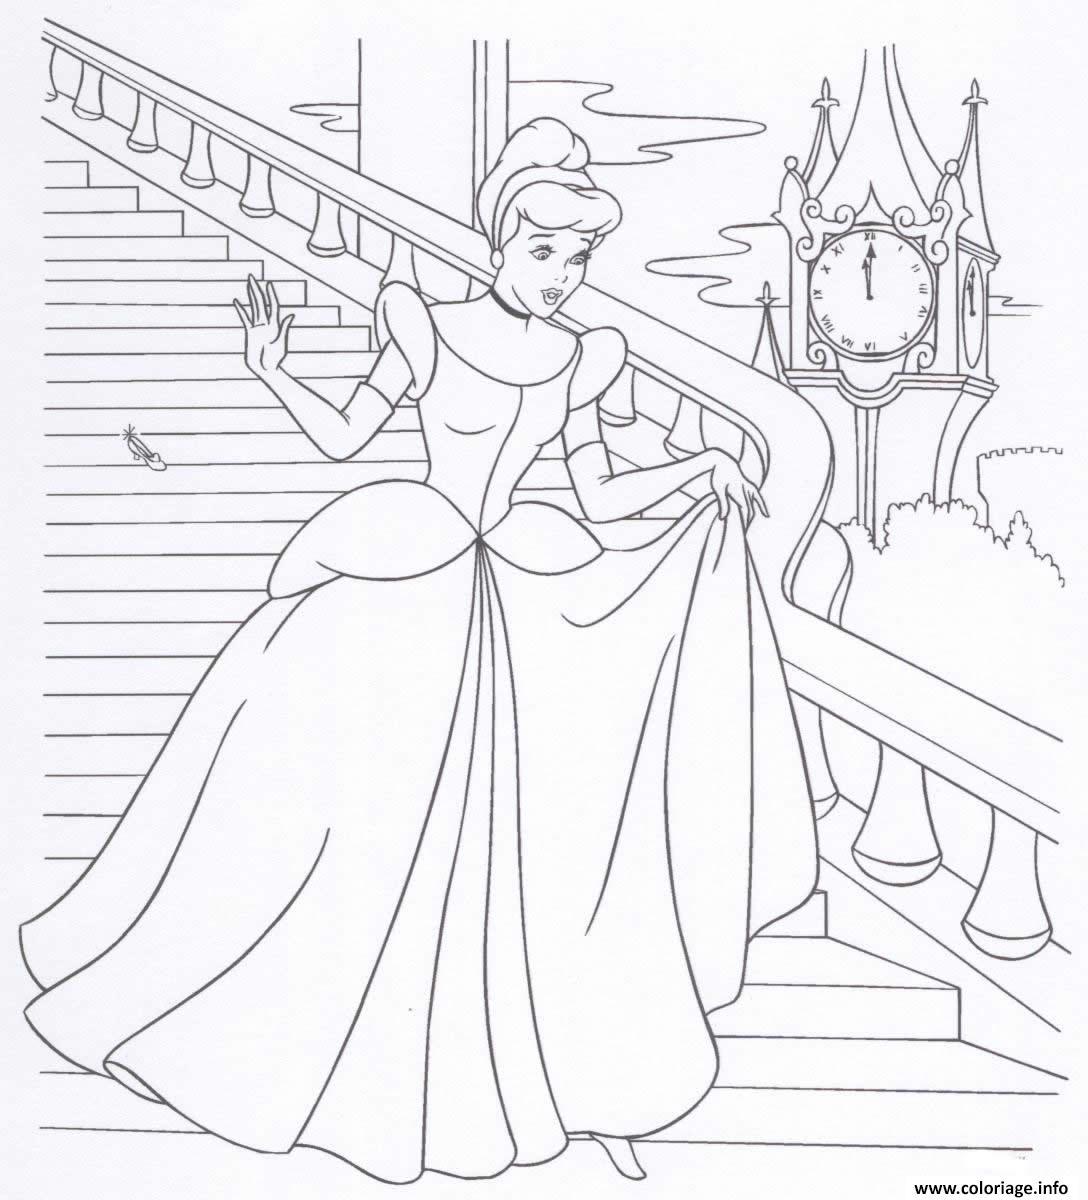 Coloriage cendrillon princesse 18 dessin - Princesse dessin ...